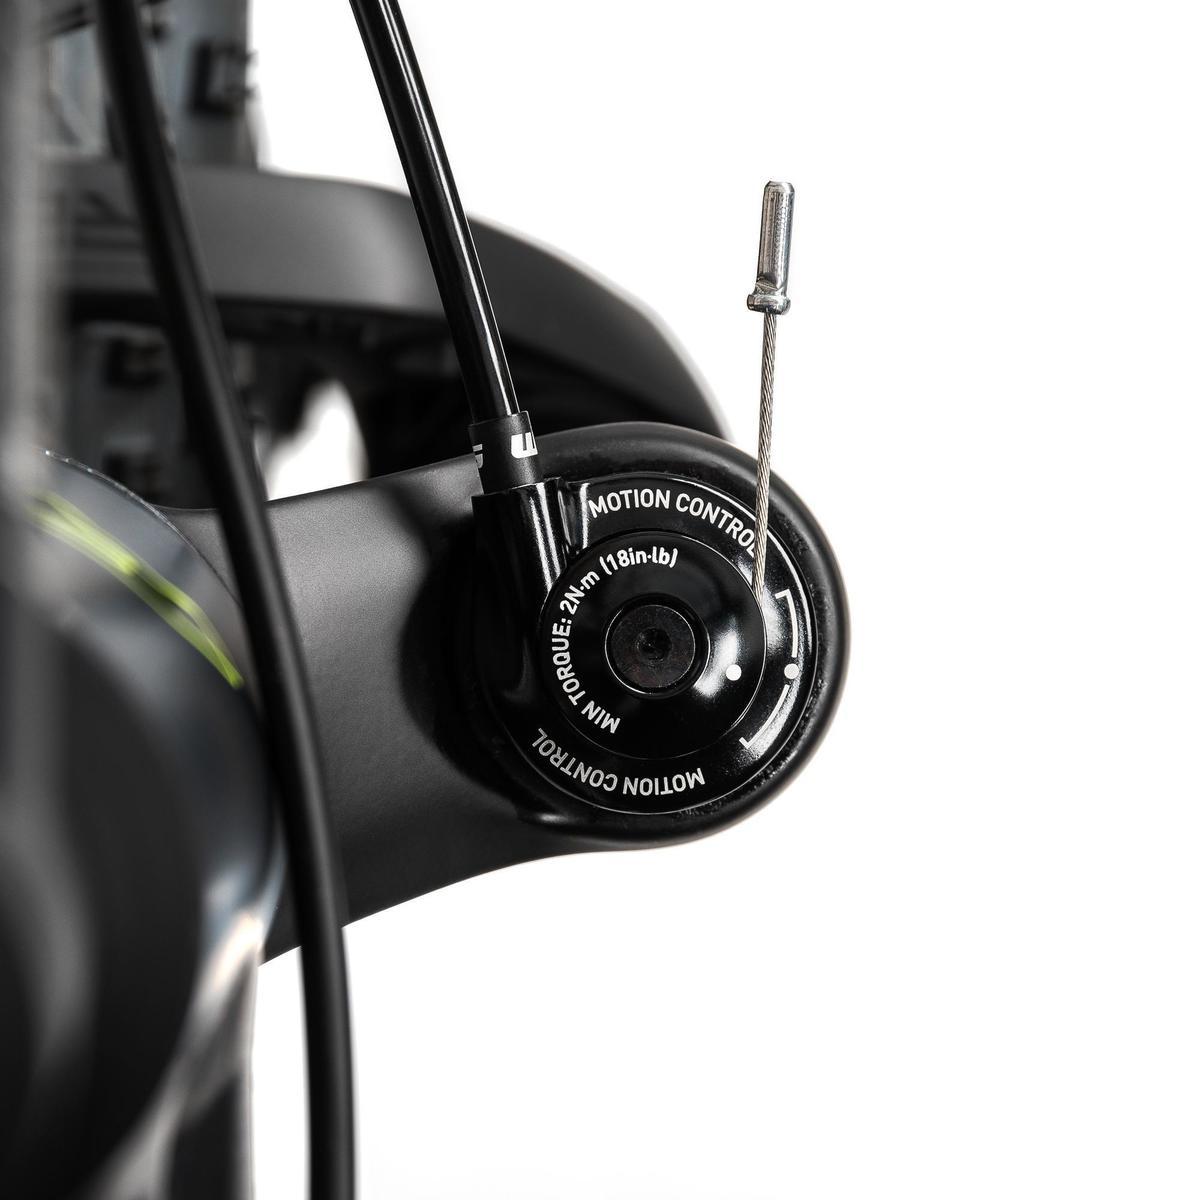 Bild 13 von E-MTB RR920 Performance CX 2018 500WH Alu schwarz/gelb